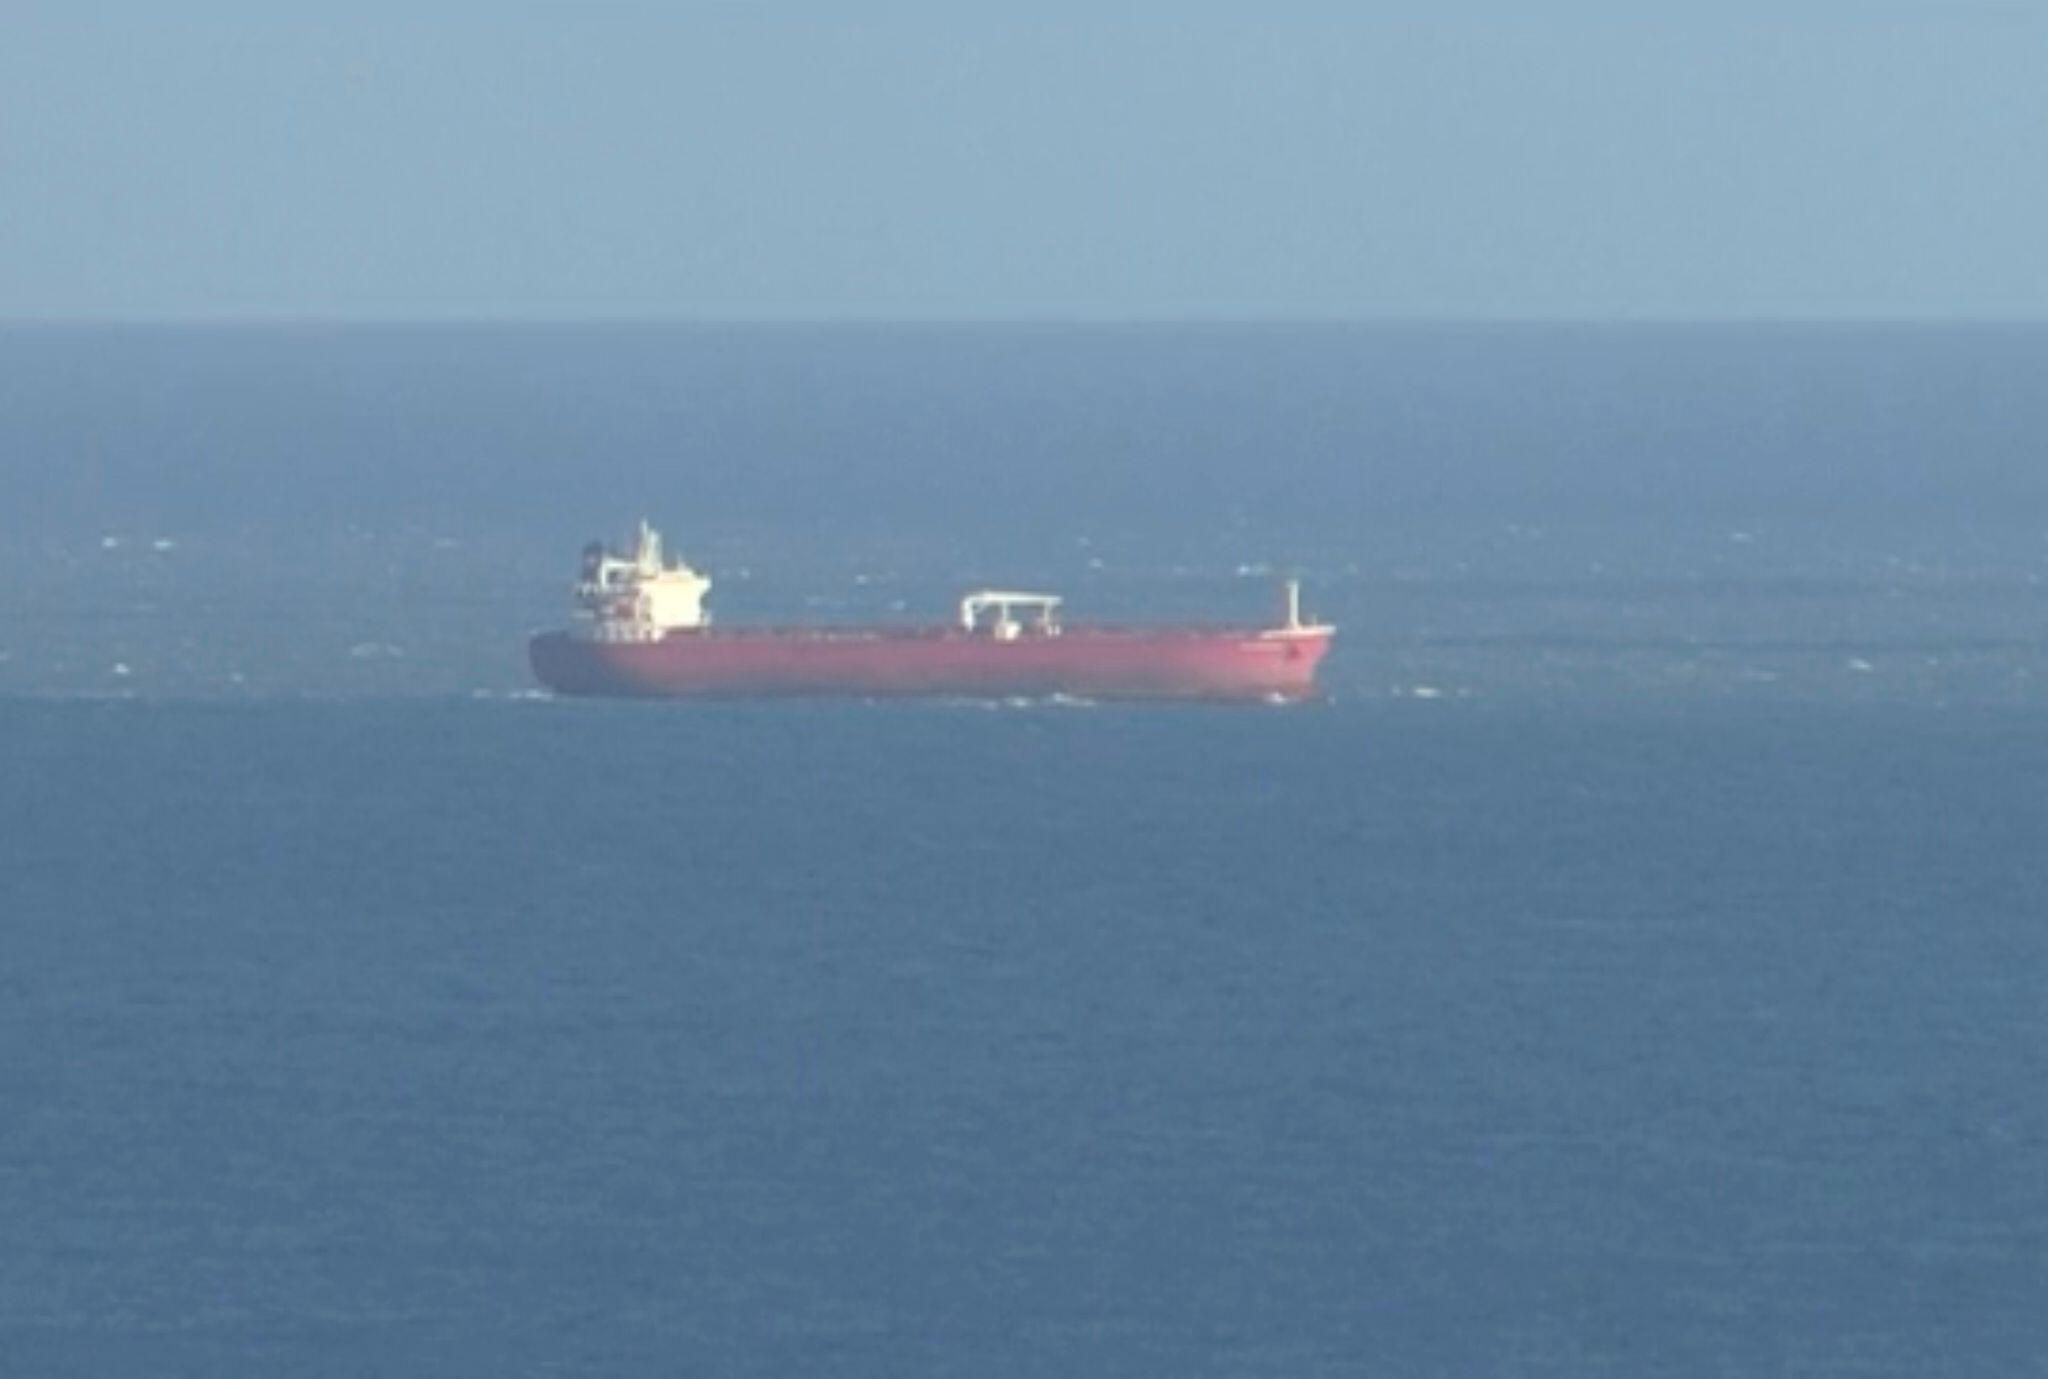 Bild zu Vorfall auf Öltanker vor Großbritannien